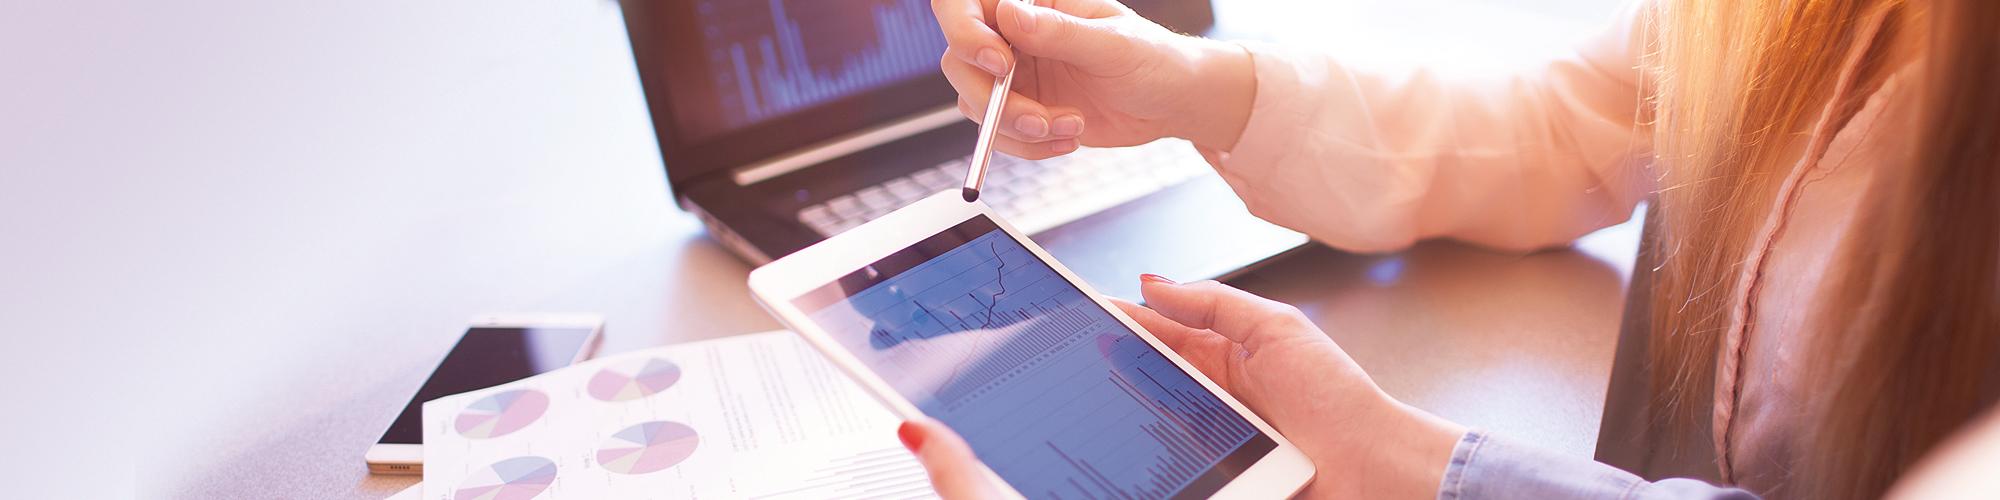 Bild von zwei Personen, die am Laptop und Tablet arbeiten